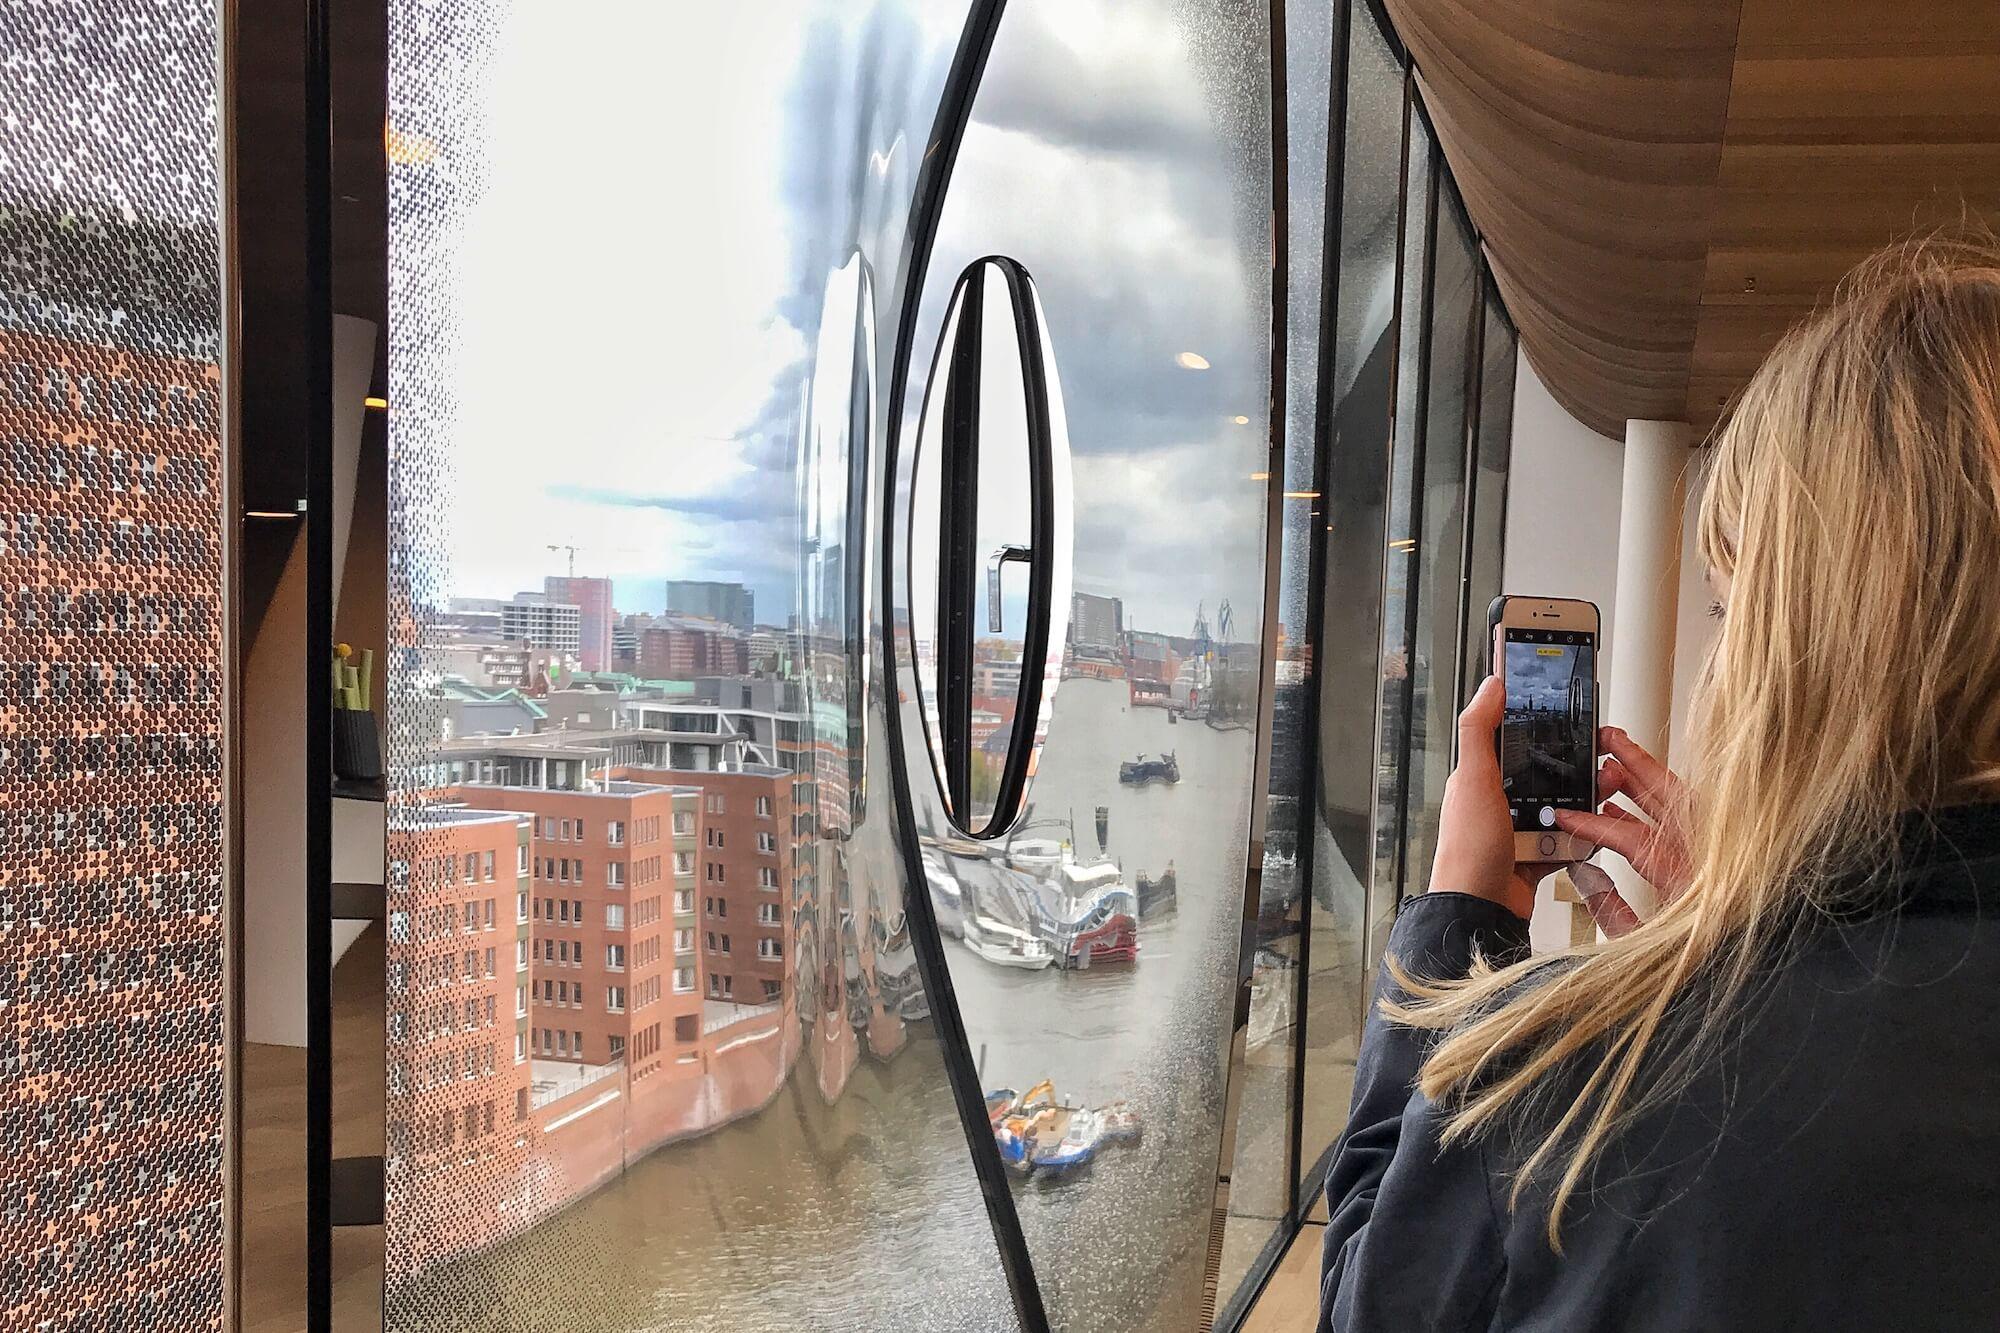 Viele Museen im deutschsprachigen Raum haben mittlerweile einen Instagram-Account. Diese Instagram-Tipps helfen dabei, die Reichweite zu verbessern.